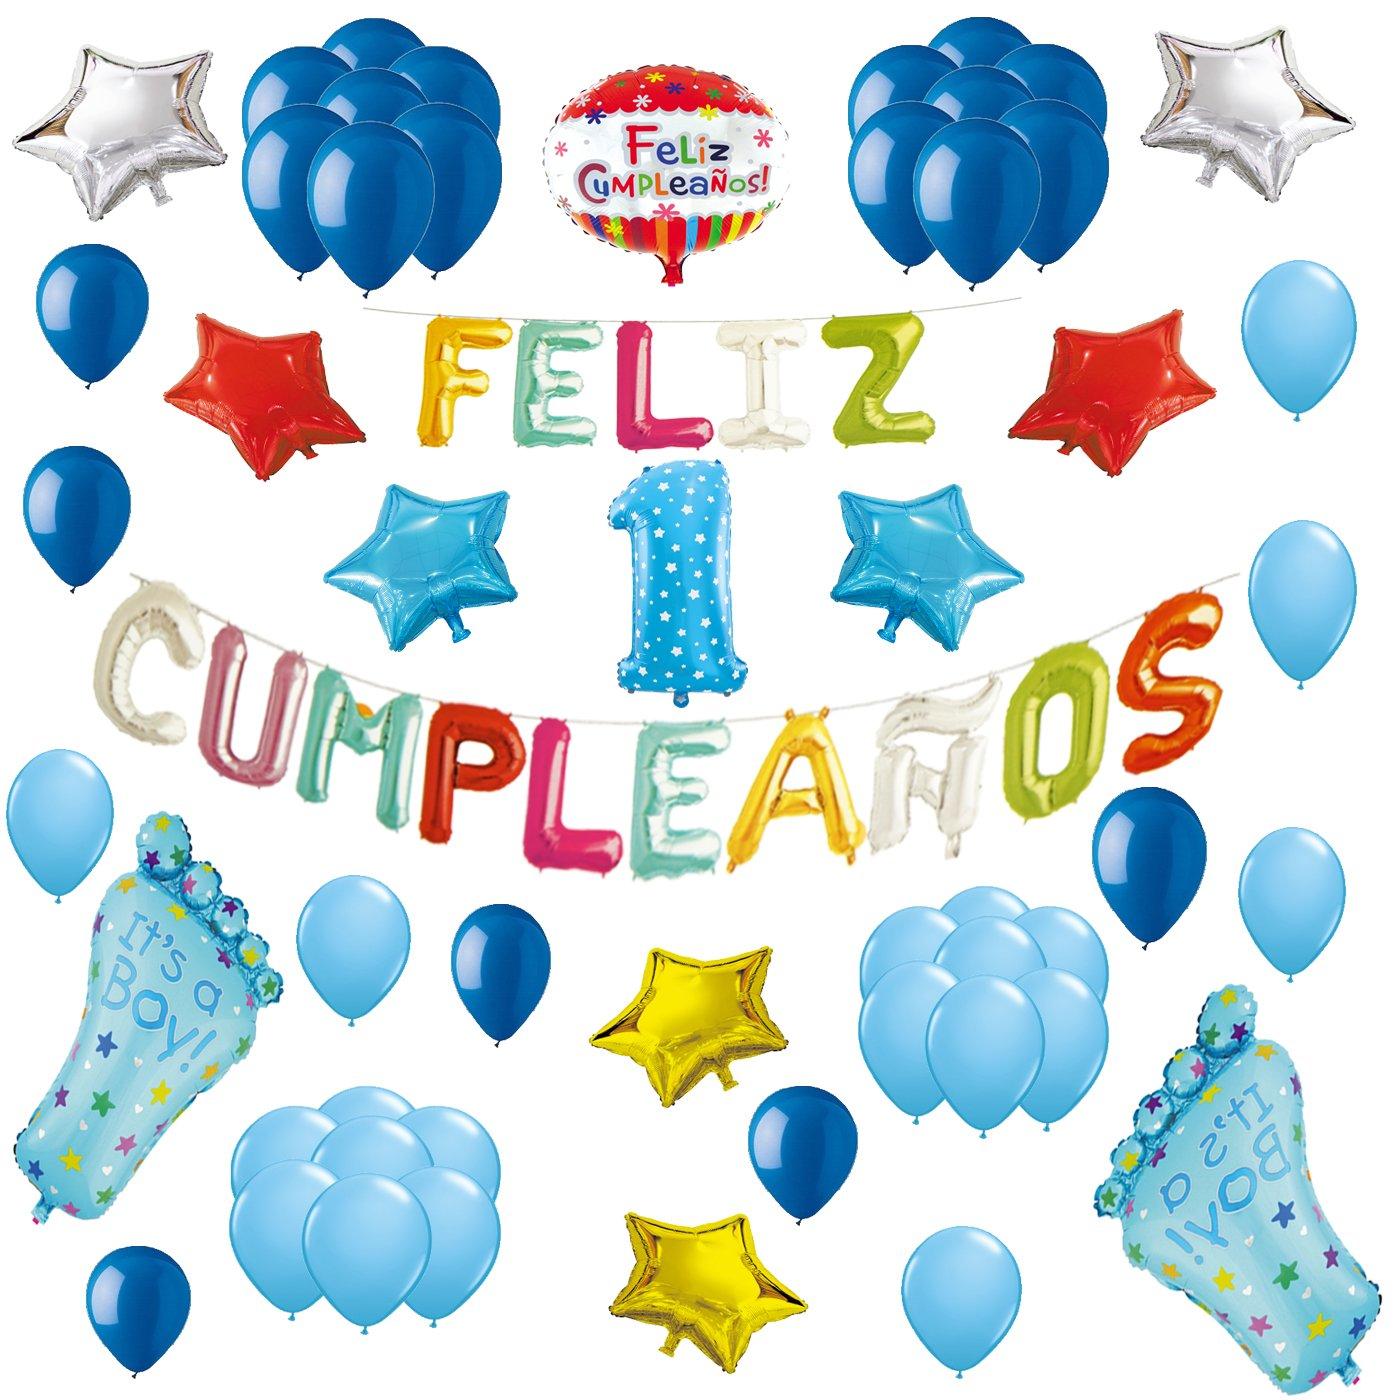 Cotigo Globos Feliz Cumpleanos Happy Birthday Fiesta Party - Fiestas-cumpleaos-nios